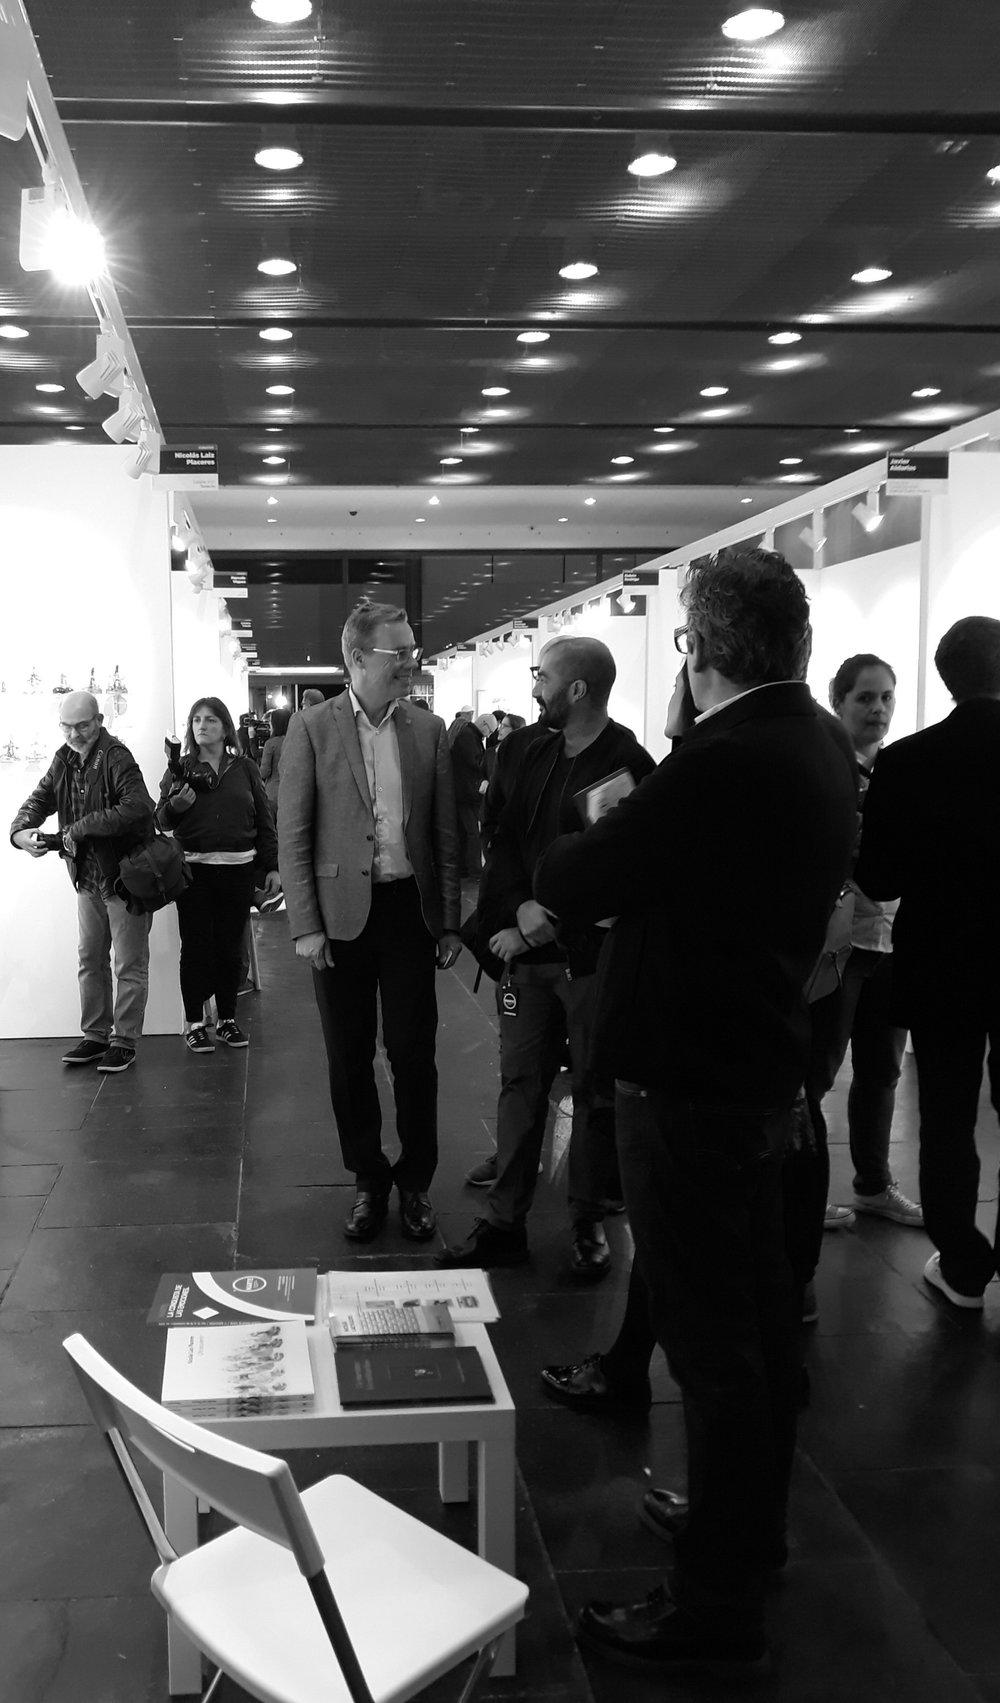 Galería ATC con Nicolás Laiz Placeres en Feria MARTE, Castellón, España